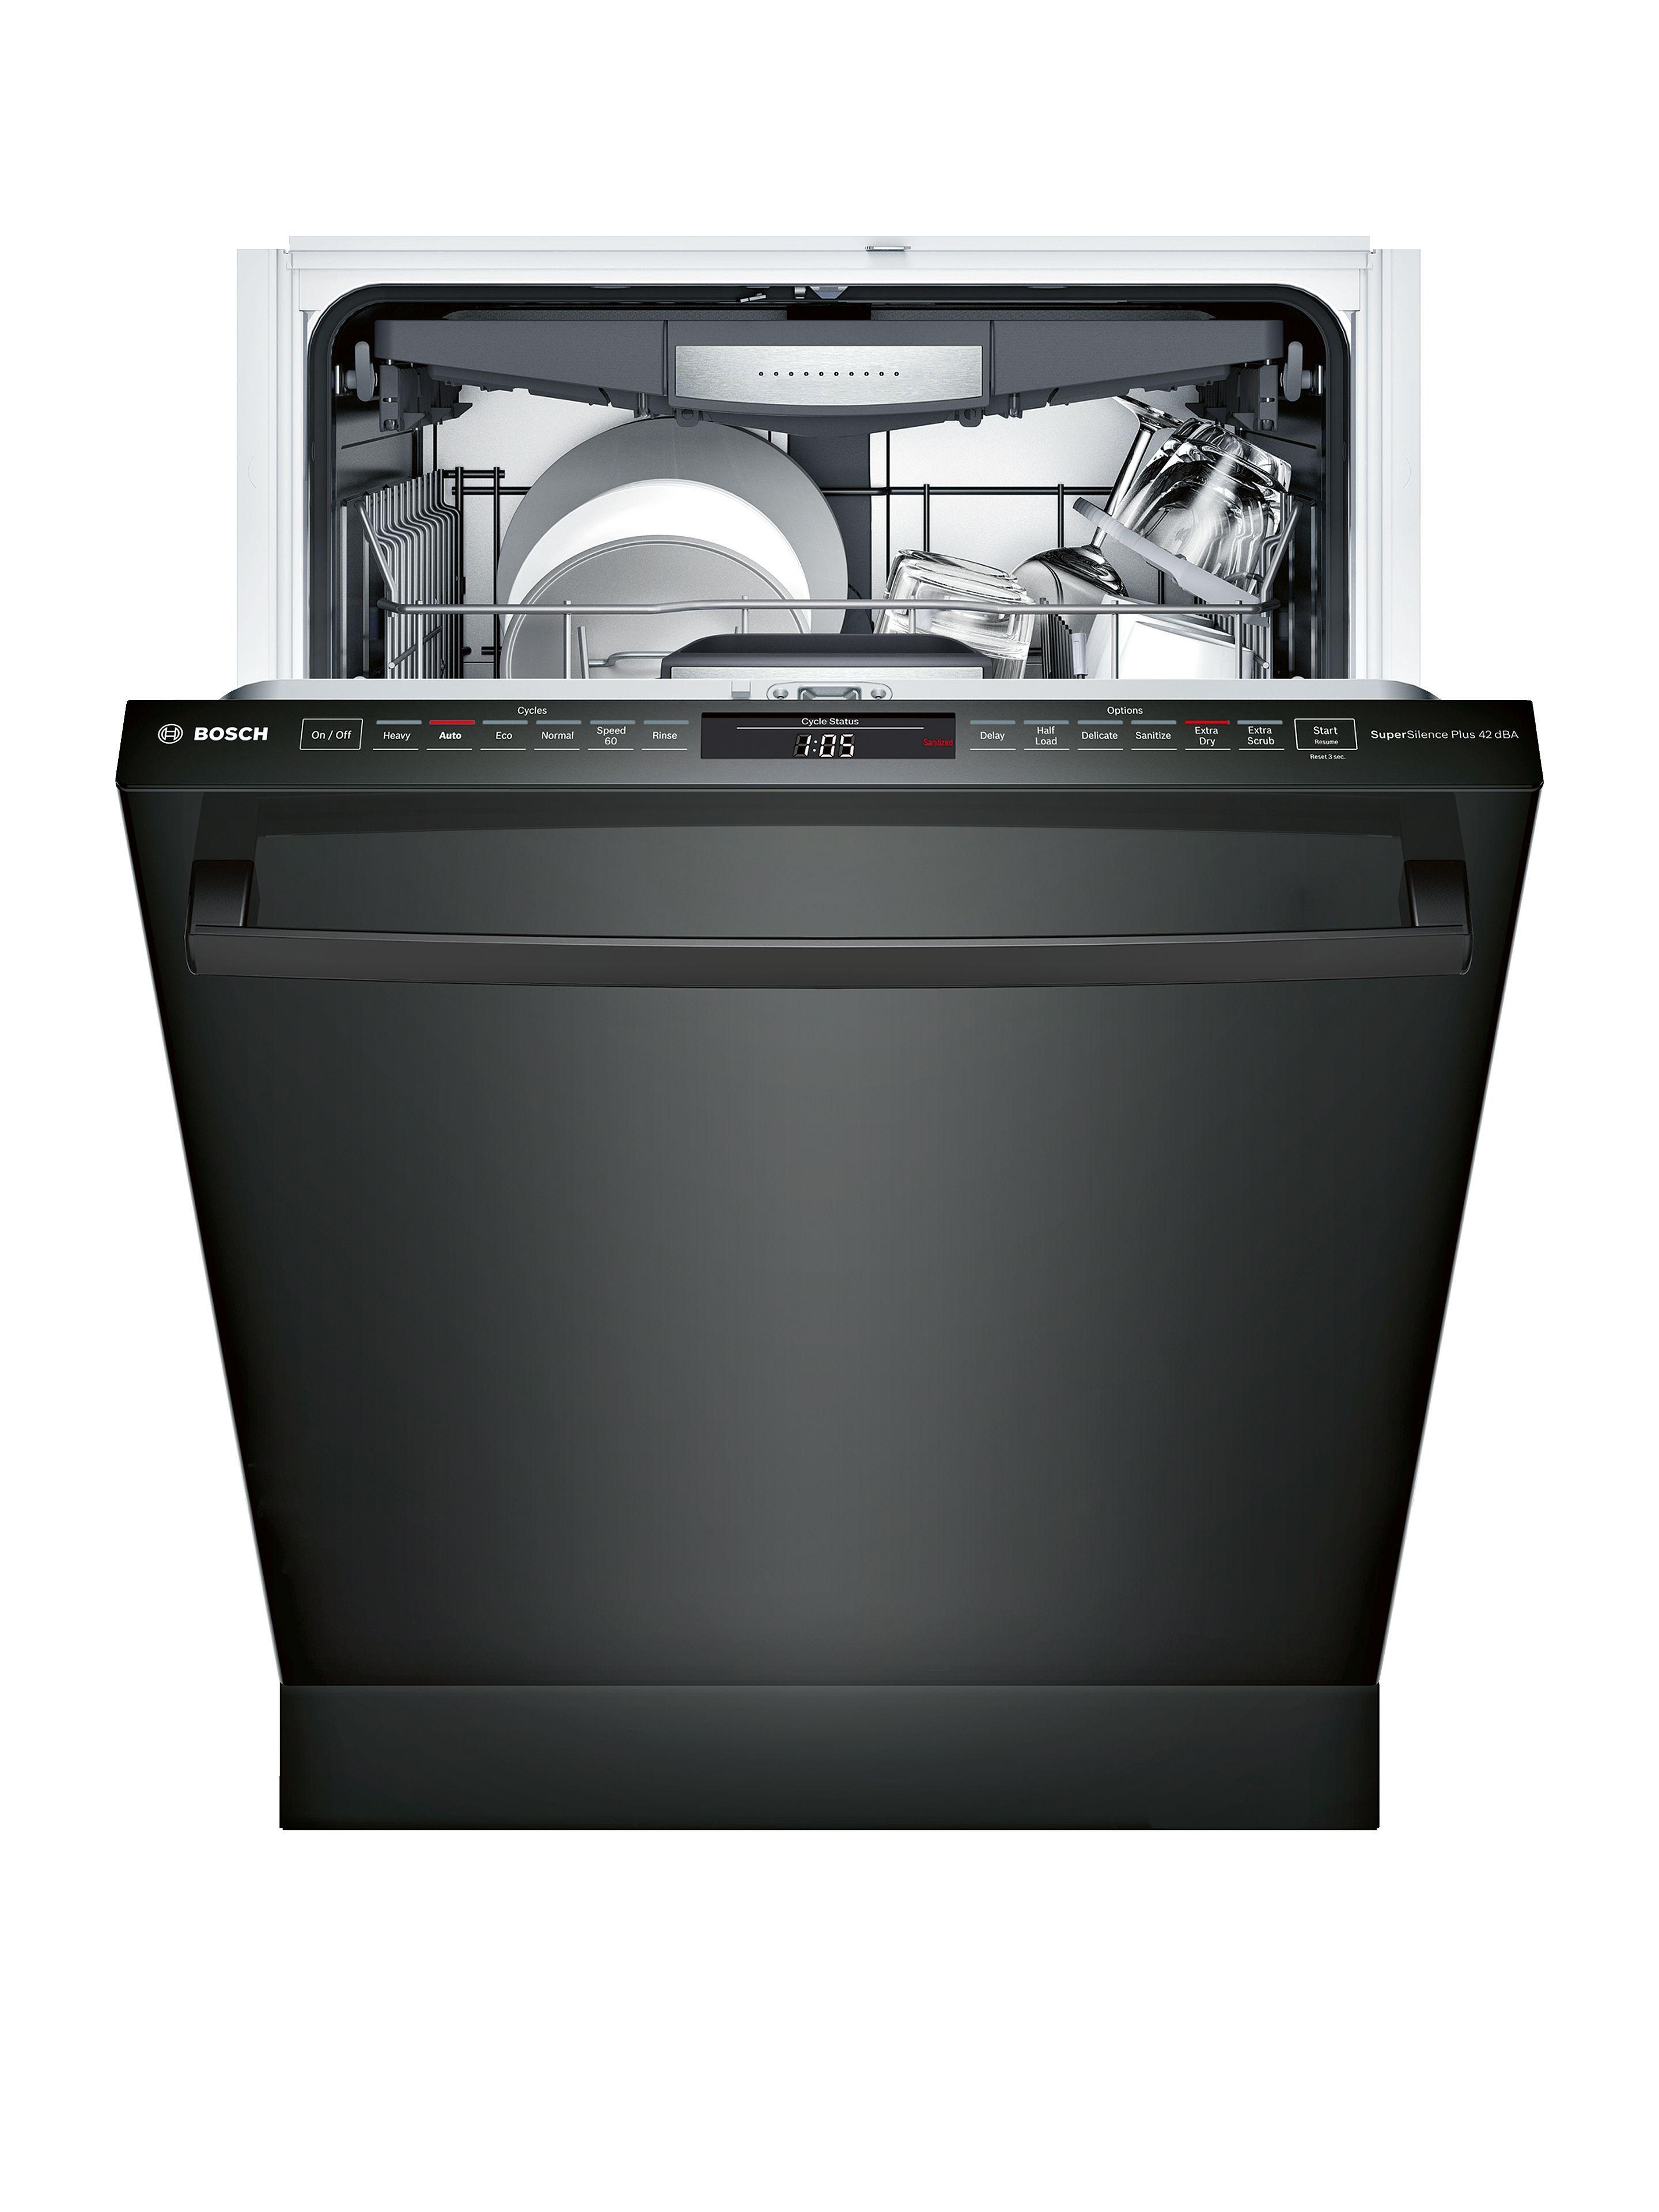 Bosch Shx878wd6n Dishwasher Built In Dishwasher Steel Tub Black Dishwasher